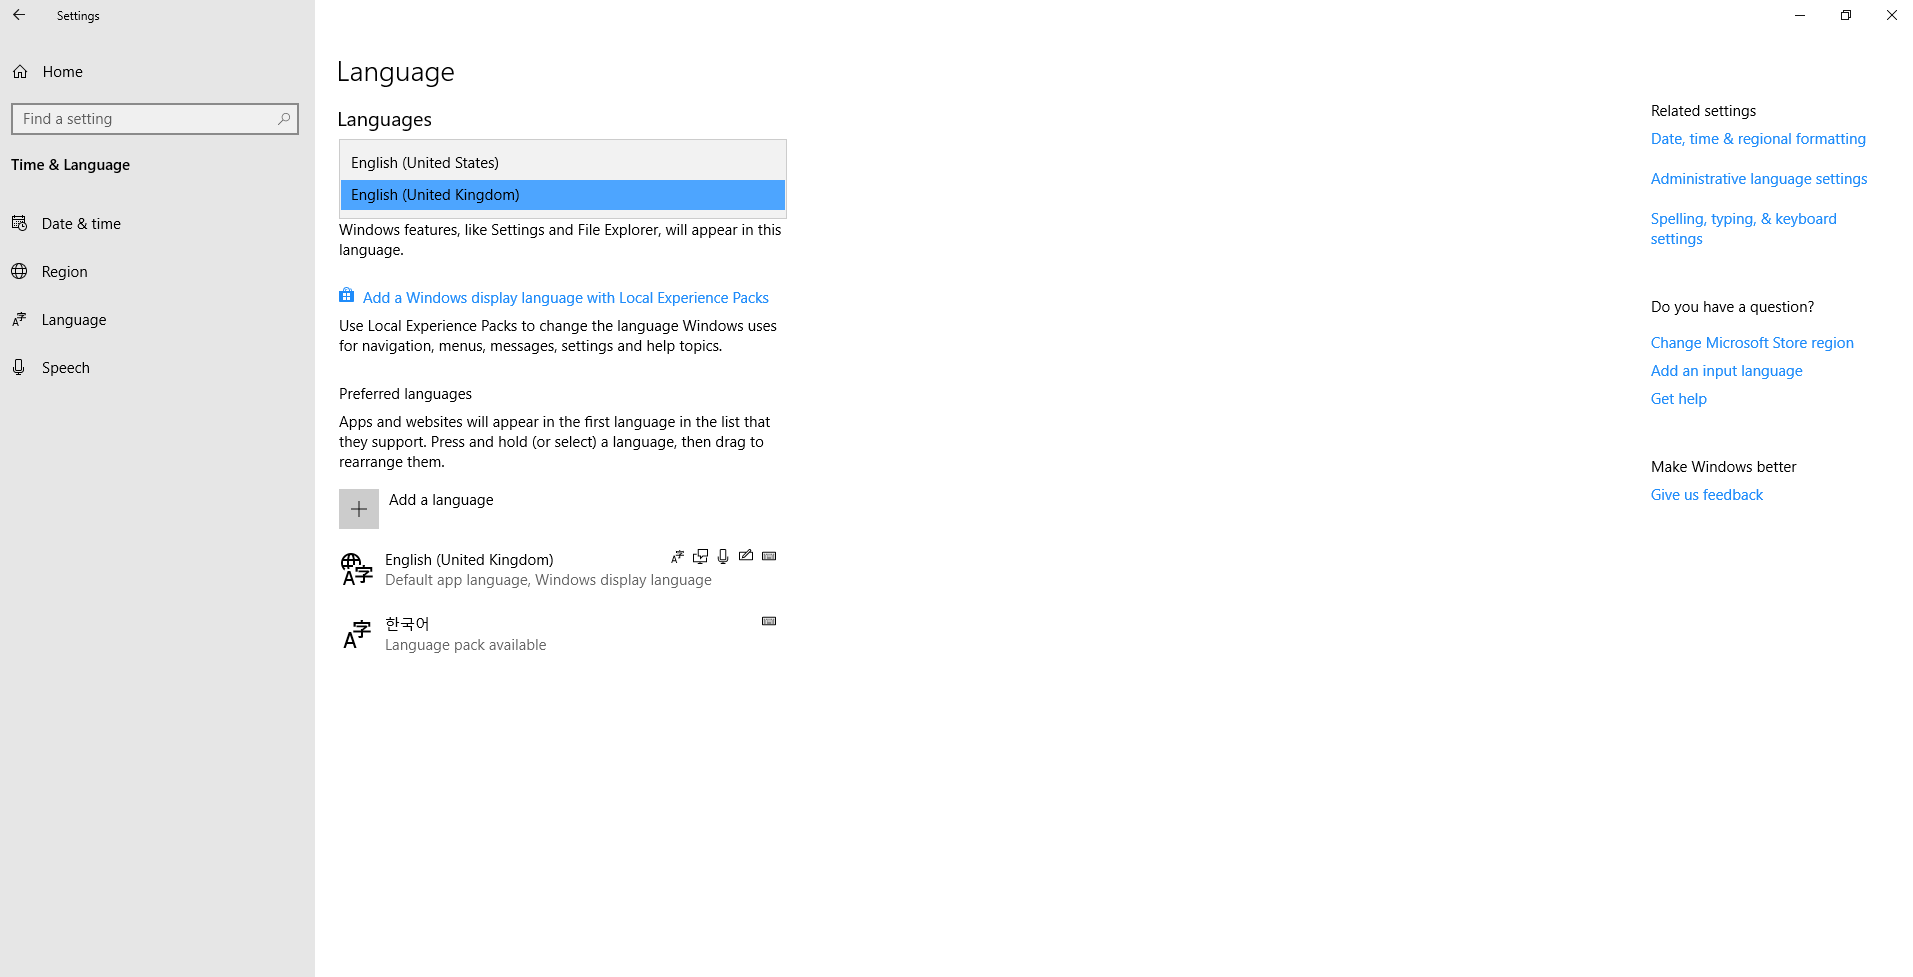 Windows Language Pack Bug? 4ca694c6-b7c8-46f1-8d3e-d6b38a599c69?upload=true.png